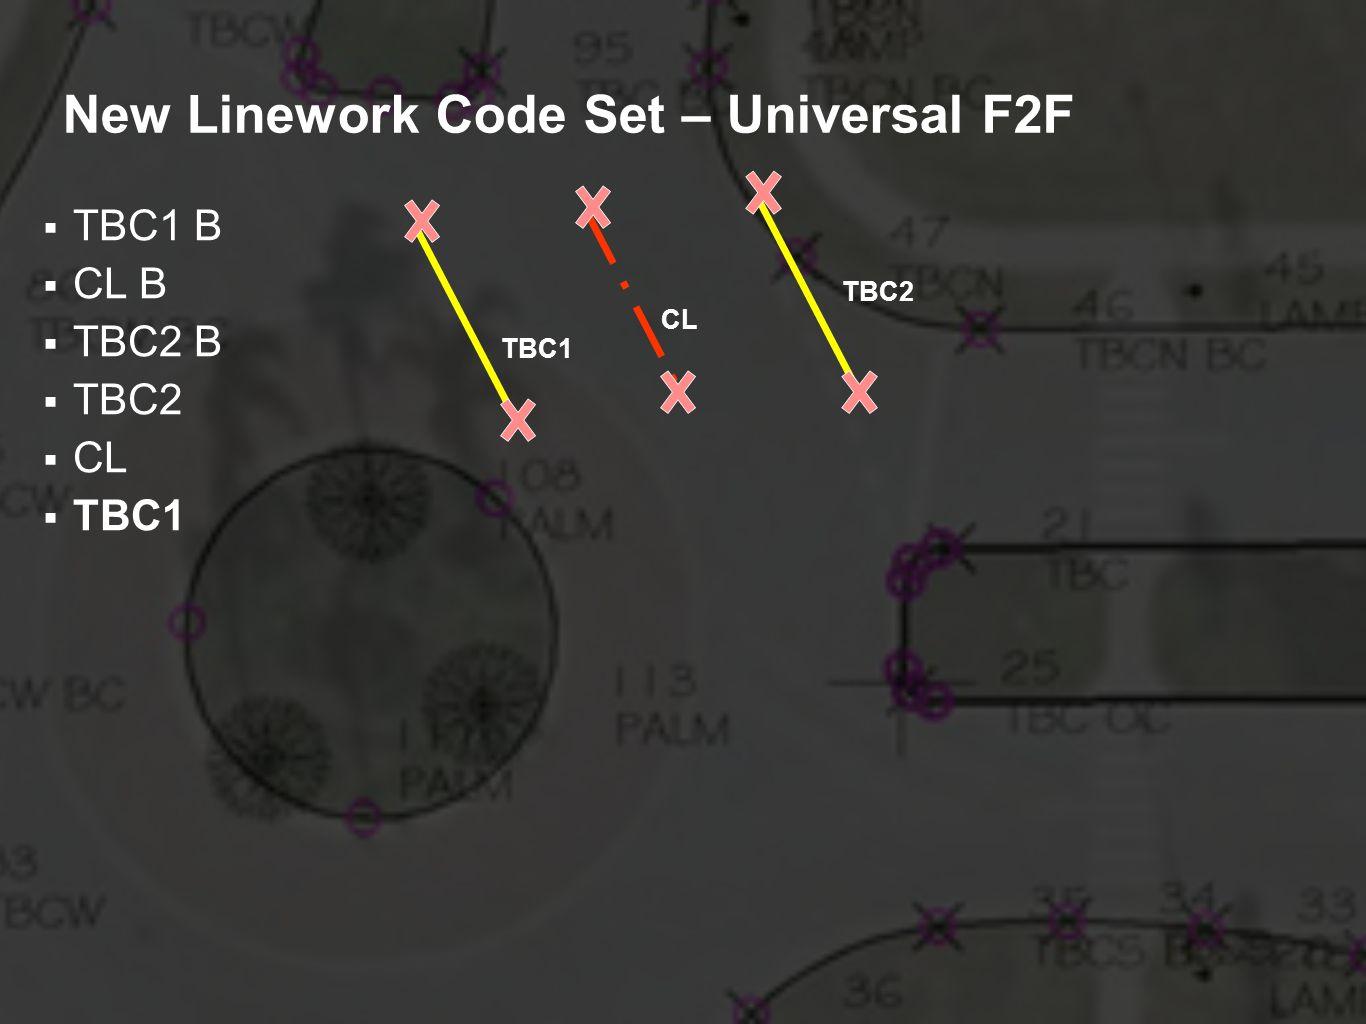 New Linework Code Set – Universal F2F TBC1 B CL B TBC2 B TBC2 CL TBC1 TBC2 CL TBC1